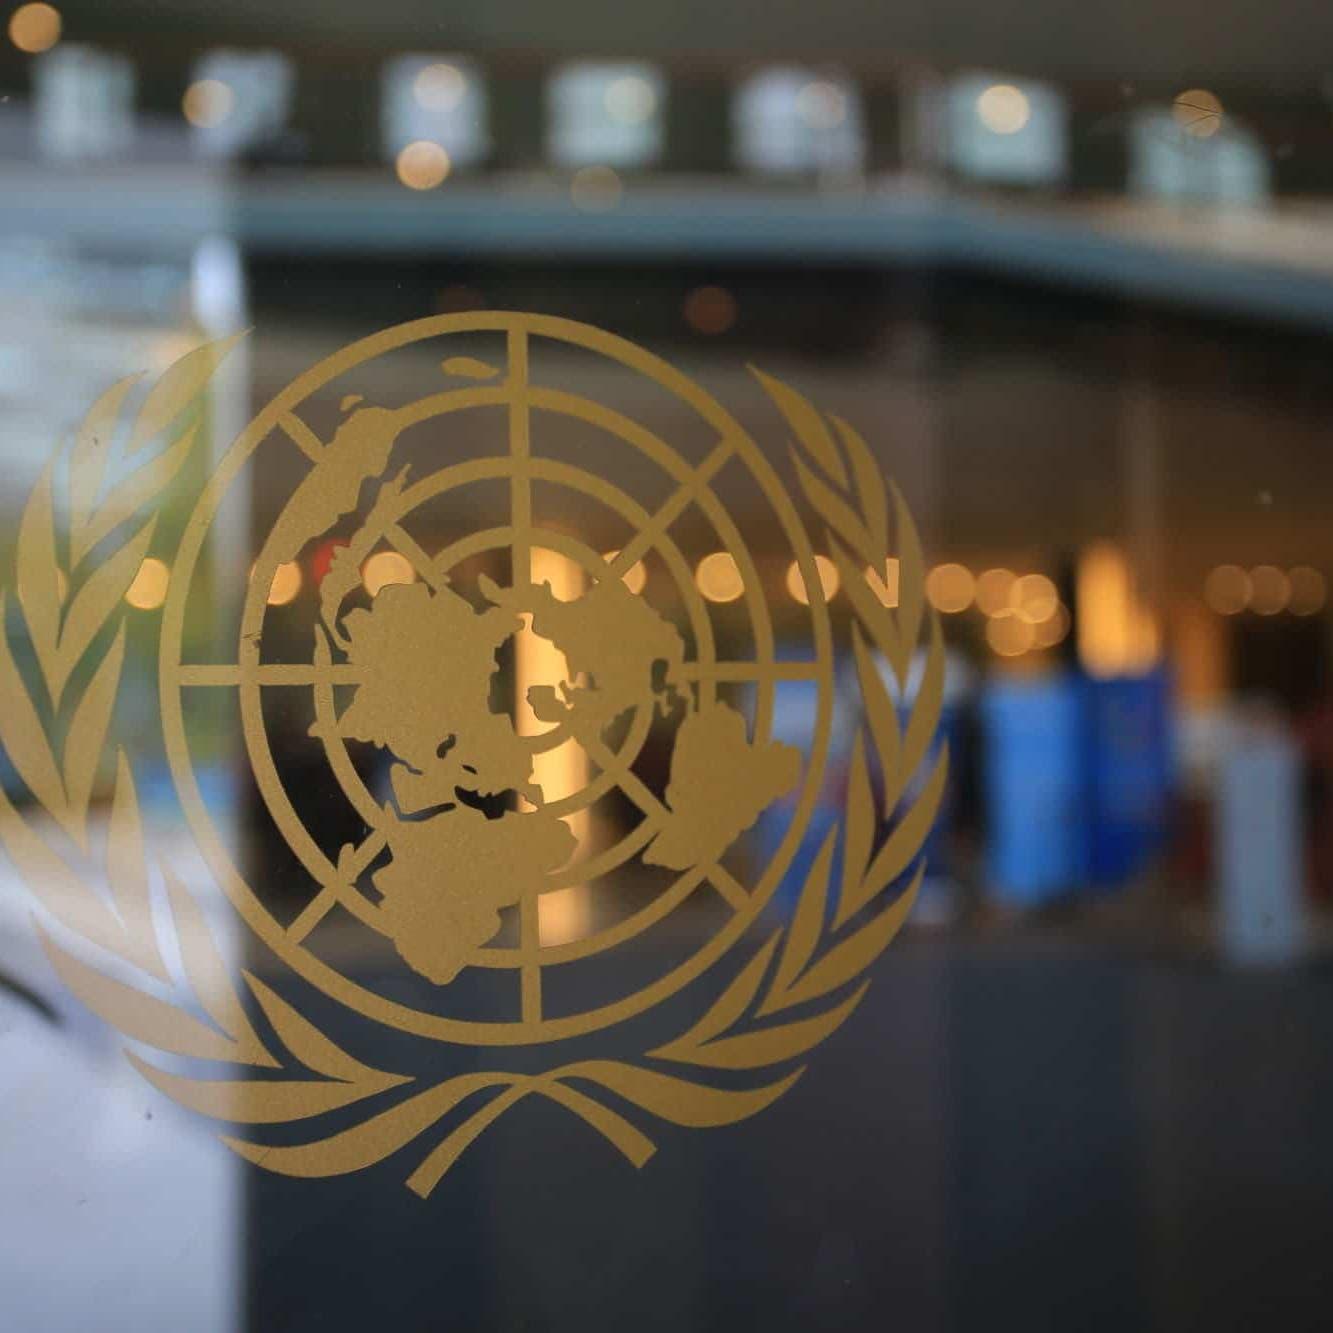 الأمم المتحدة تعرضت لاختراق خطير .. ولم تبلغ موظفيها!